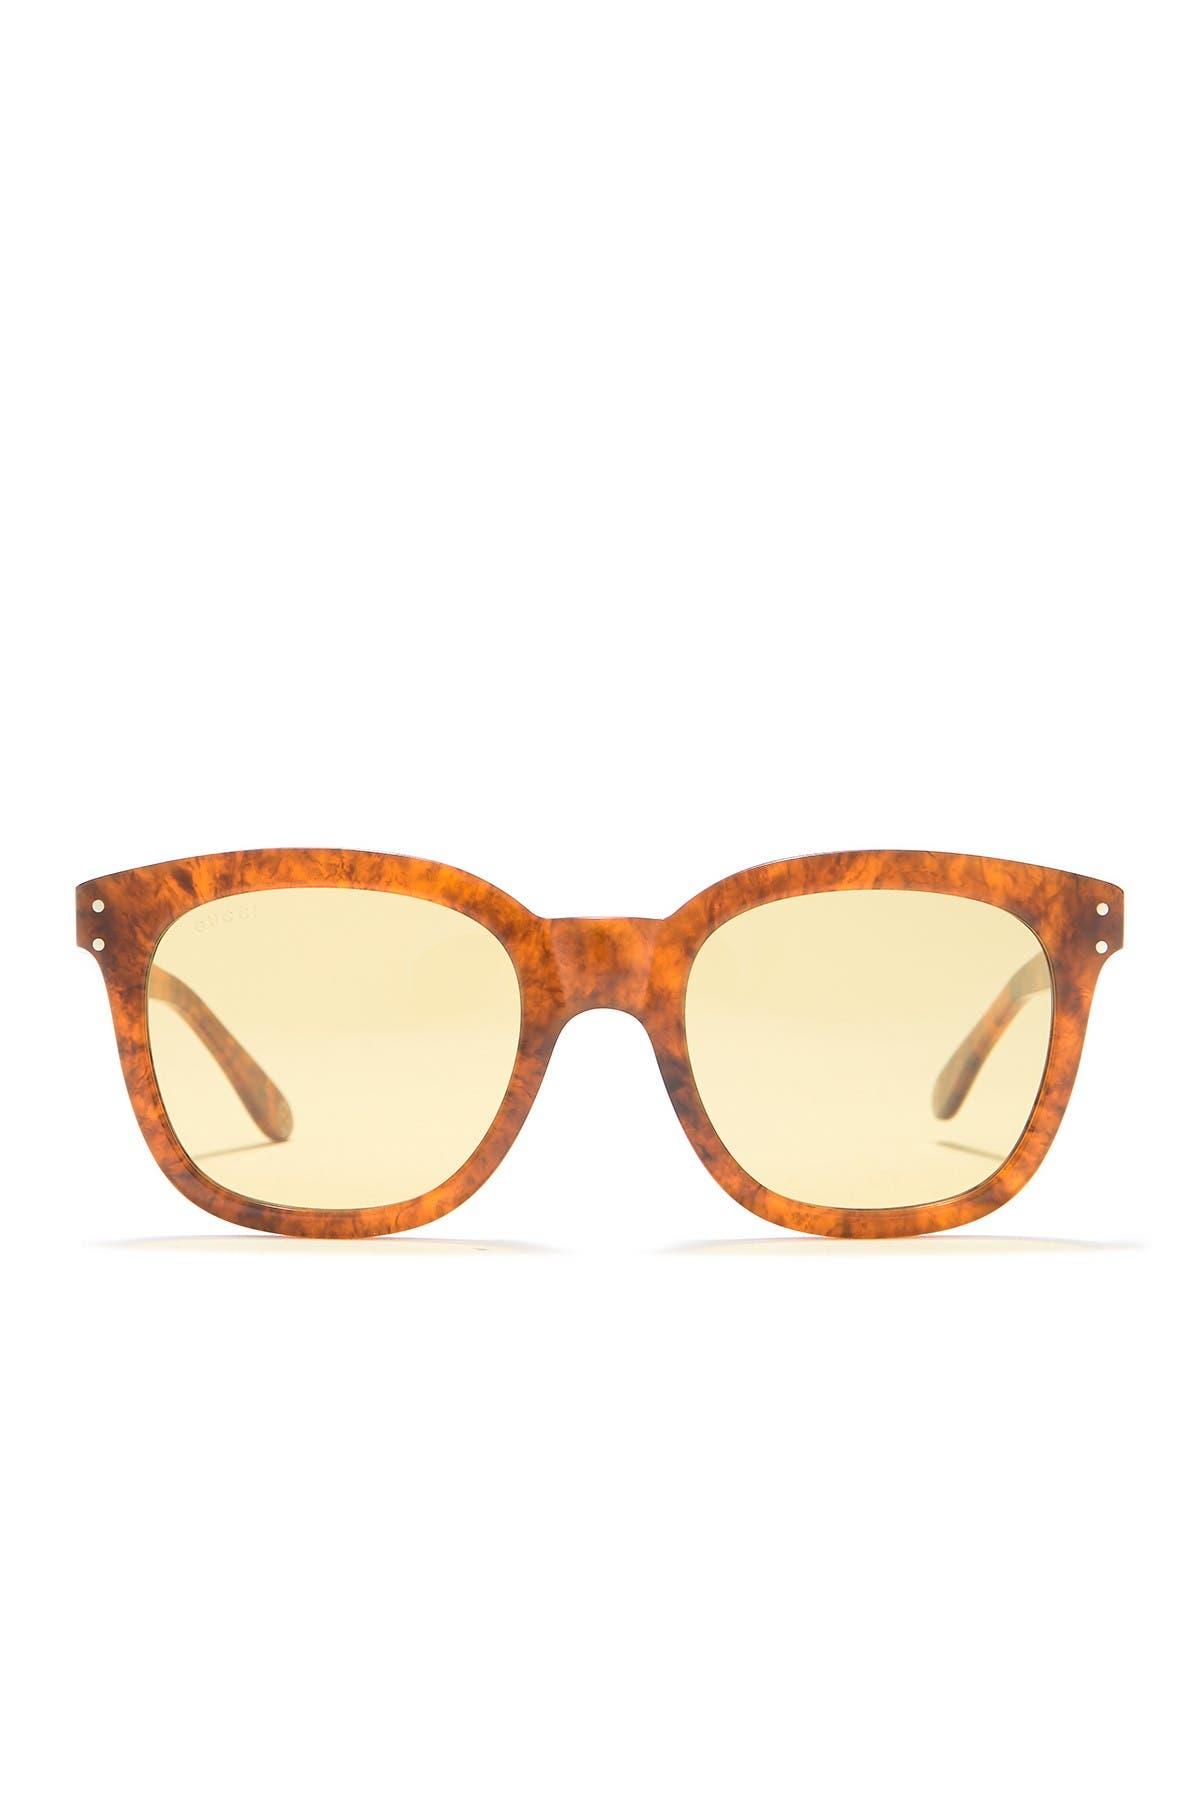 Image of GUCCI Core 52mm Square Sunglasses